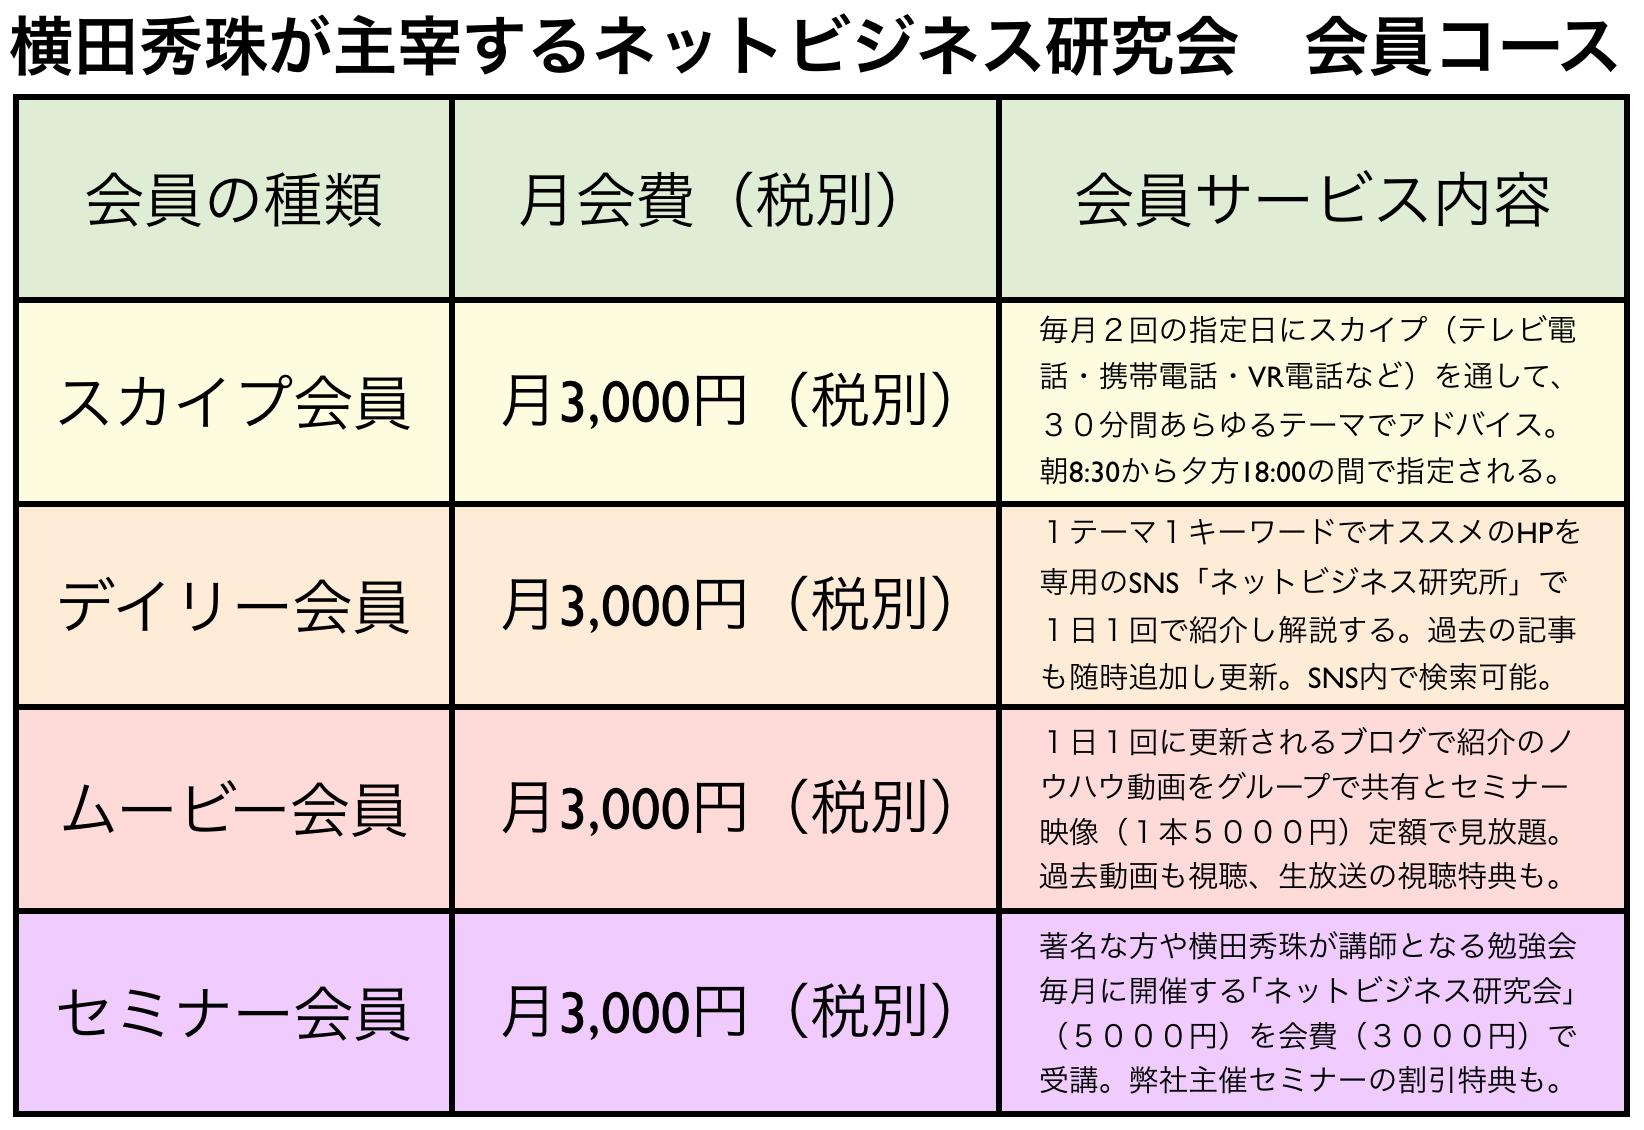 横田秀珠が主催するネットビジネス研究会の会員コース